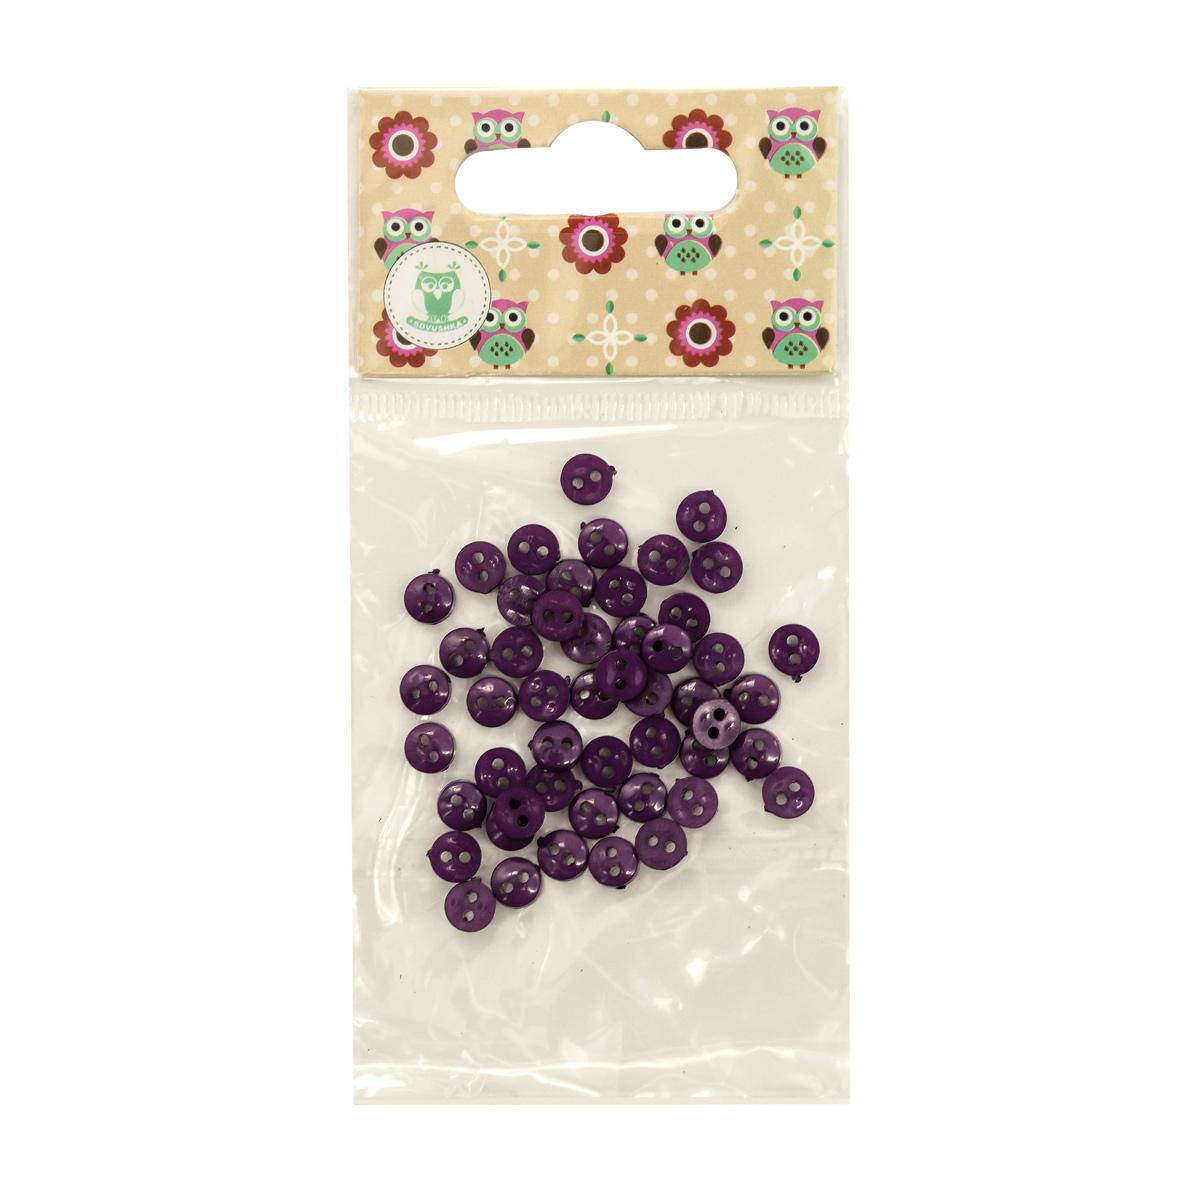 27376 Пуговицы 'Мини' на 2 прокола, 6мм, уп/50шт. +/- 2 шт. цв.фиолетовый